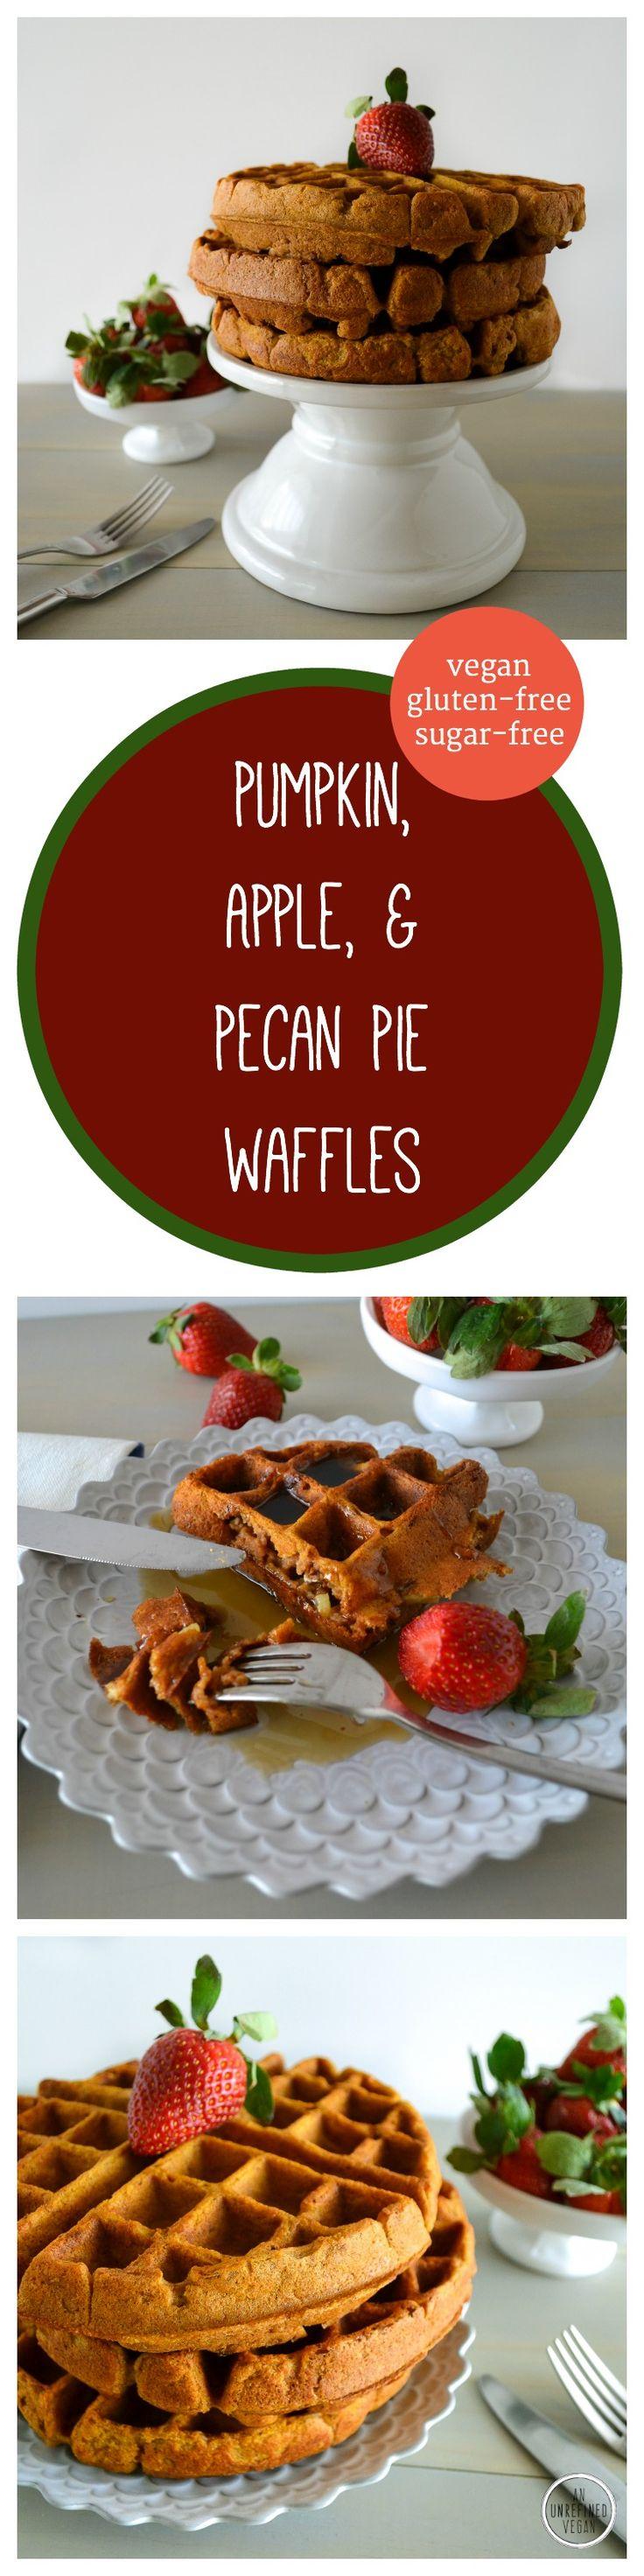 Gluten-free, sugar-free, dairy-free Pumpkin, Apple, & Pecan Pie ...